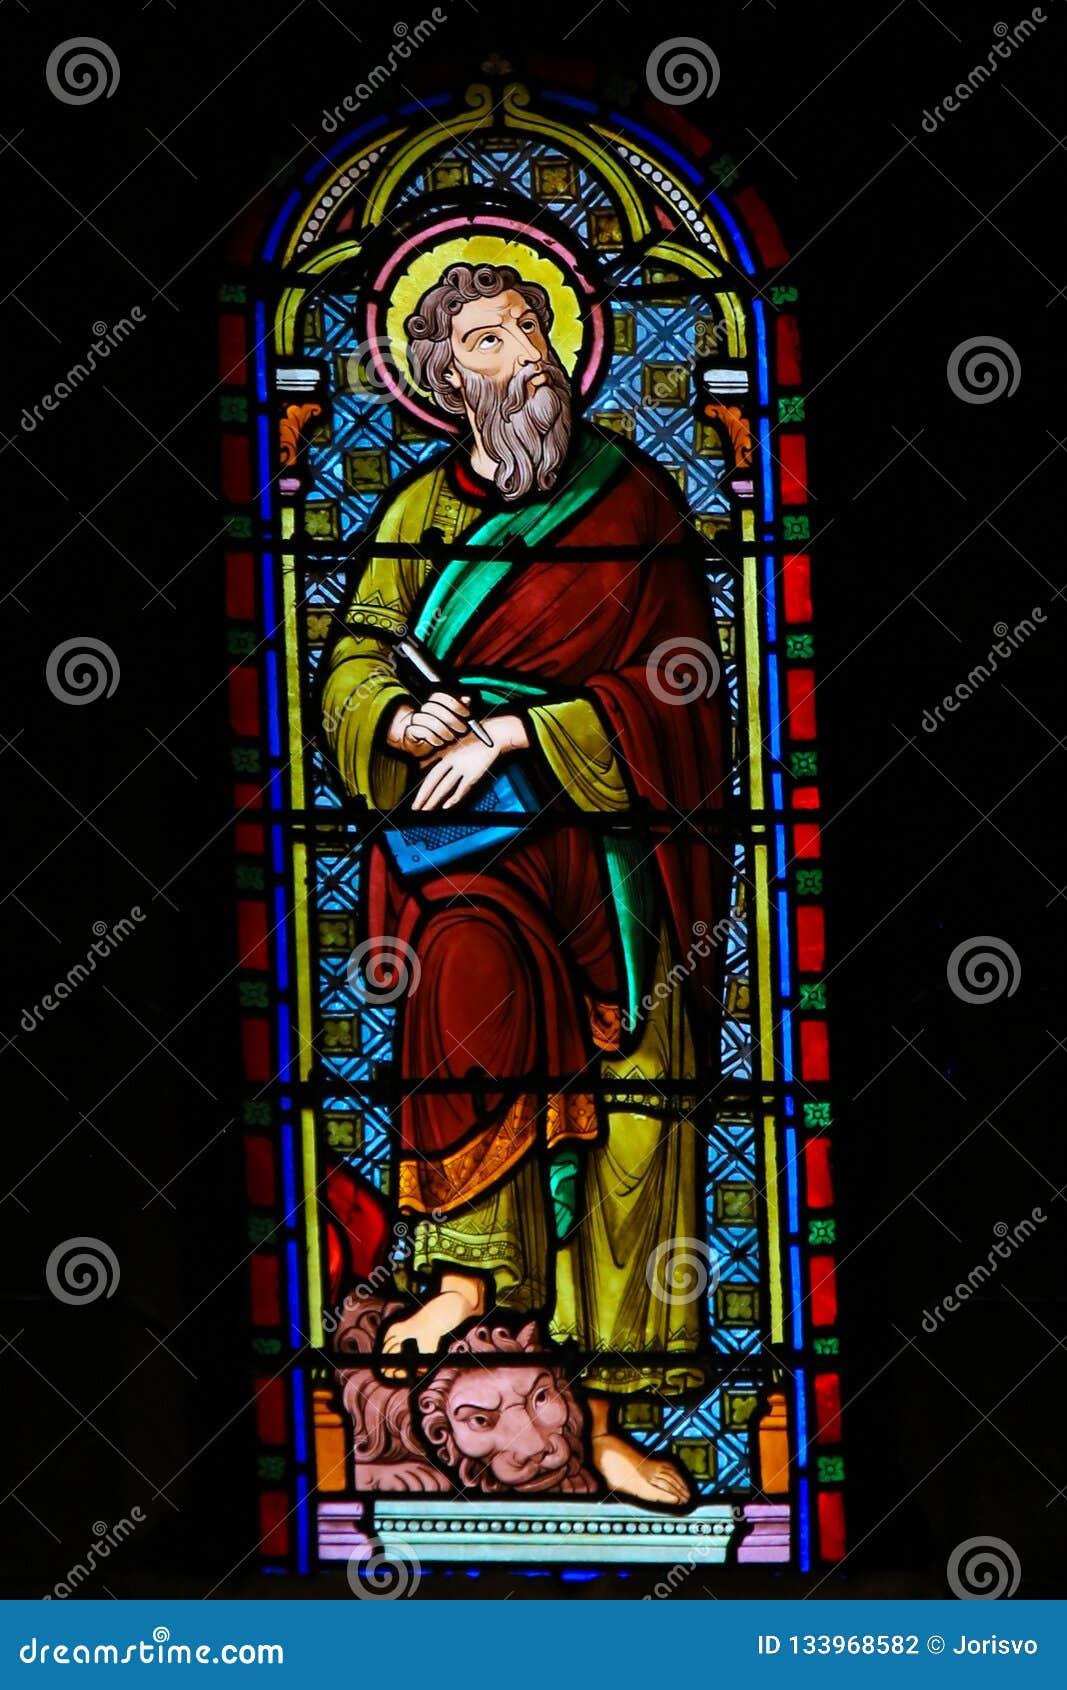 Λεκιασμένο γυαλί στον καθεδρικό ναό του Μονακό - σημάδι Αγίου ο Ευαγγελιστής